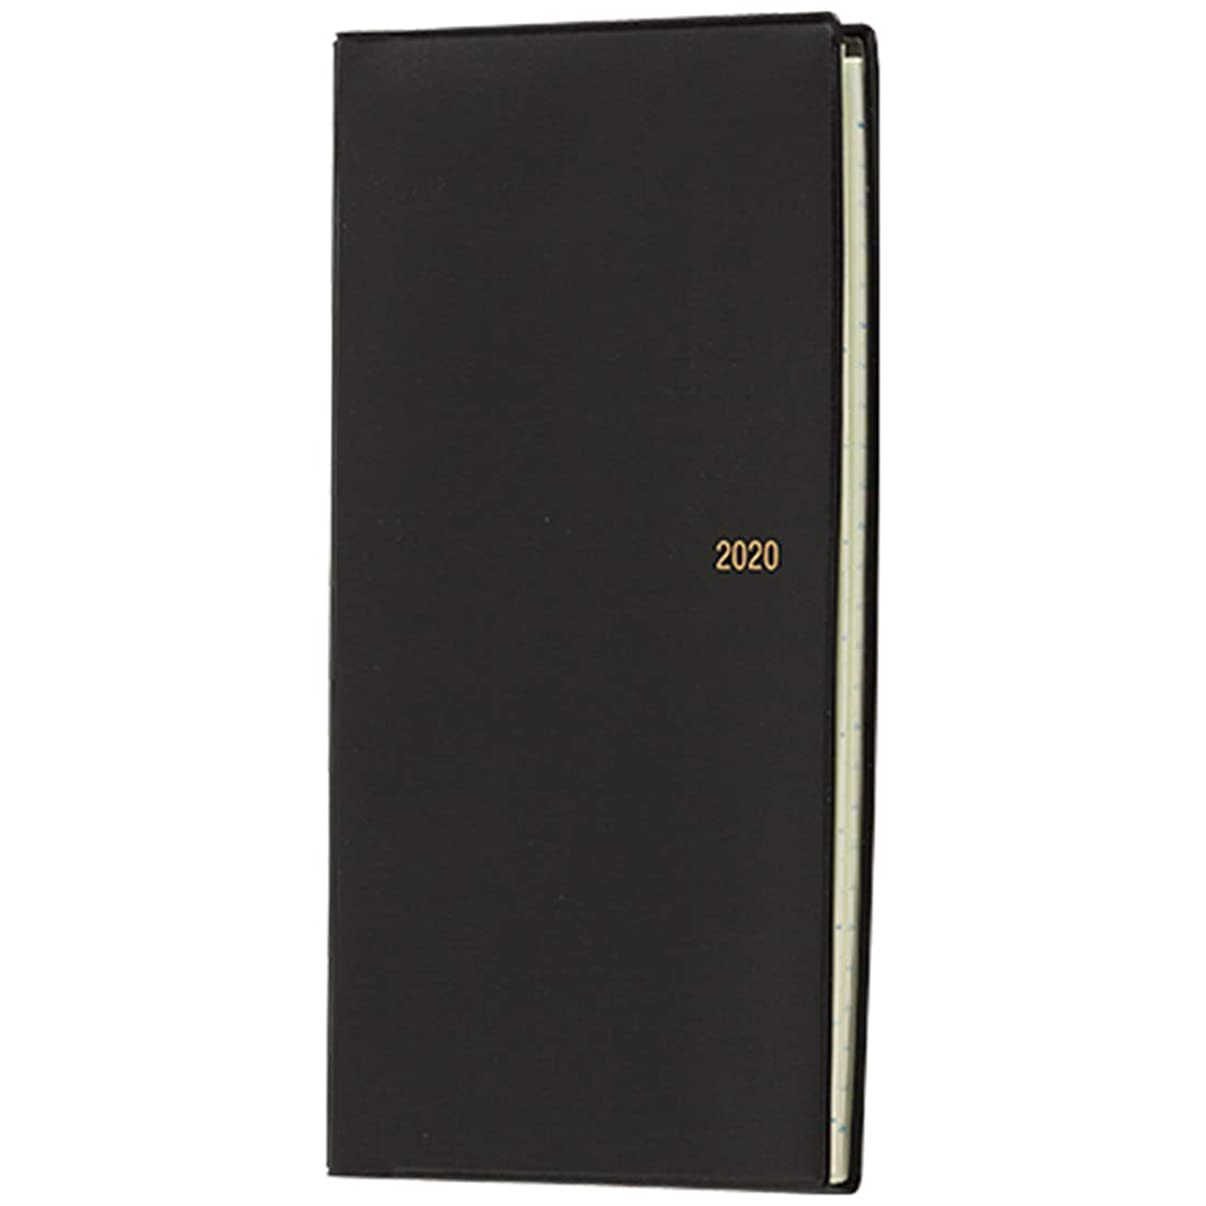 曇ったから上院議員タナベ経営 ブルーダイアリー 手帳 2020年 スタンダード マンスリー ライト BL